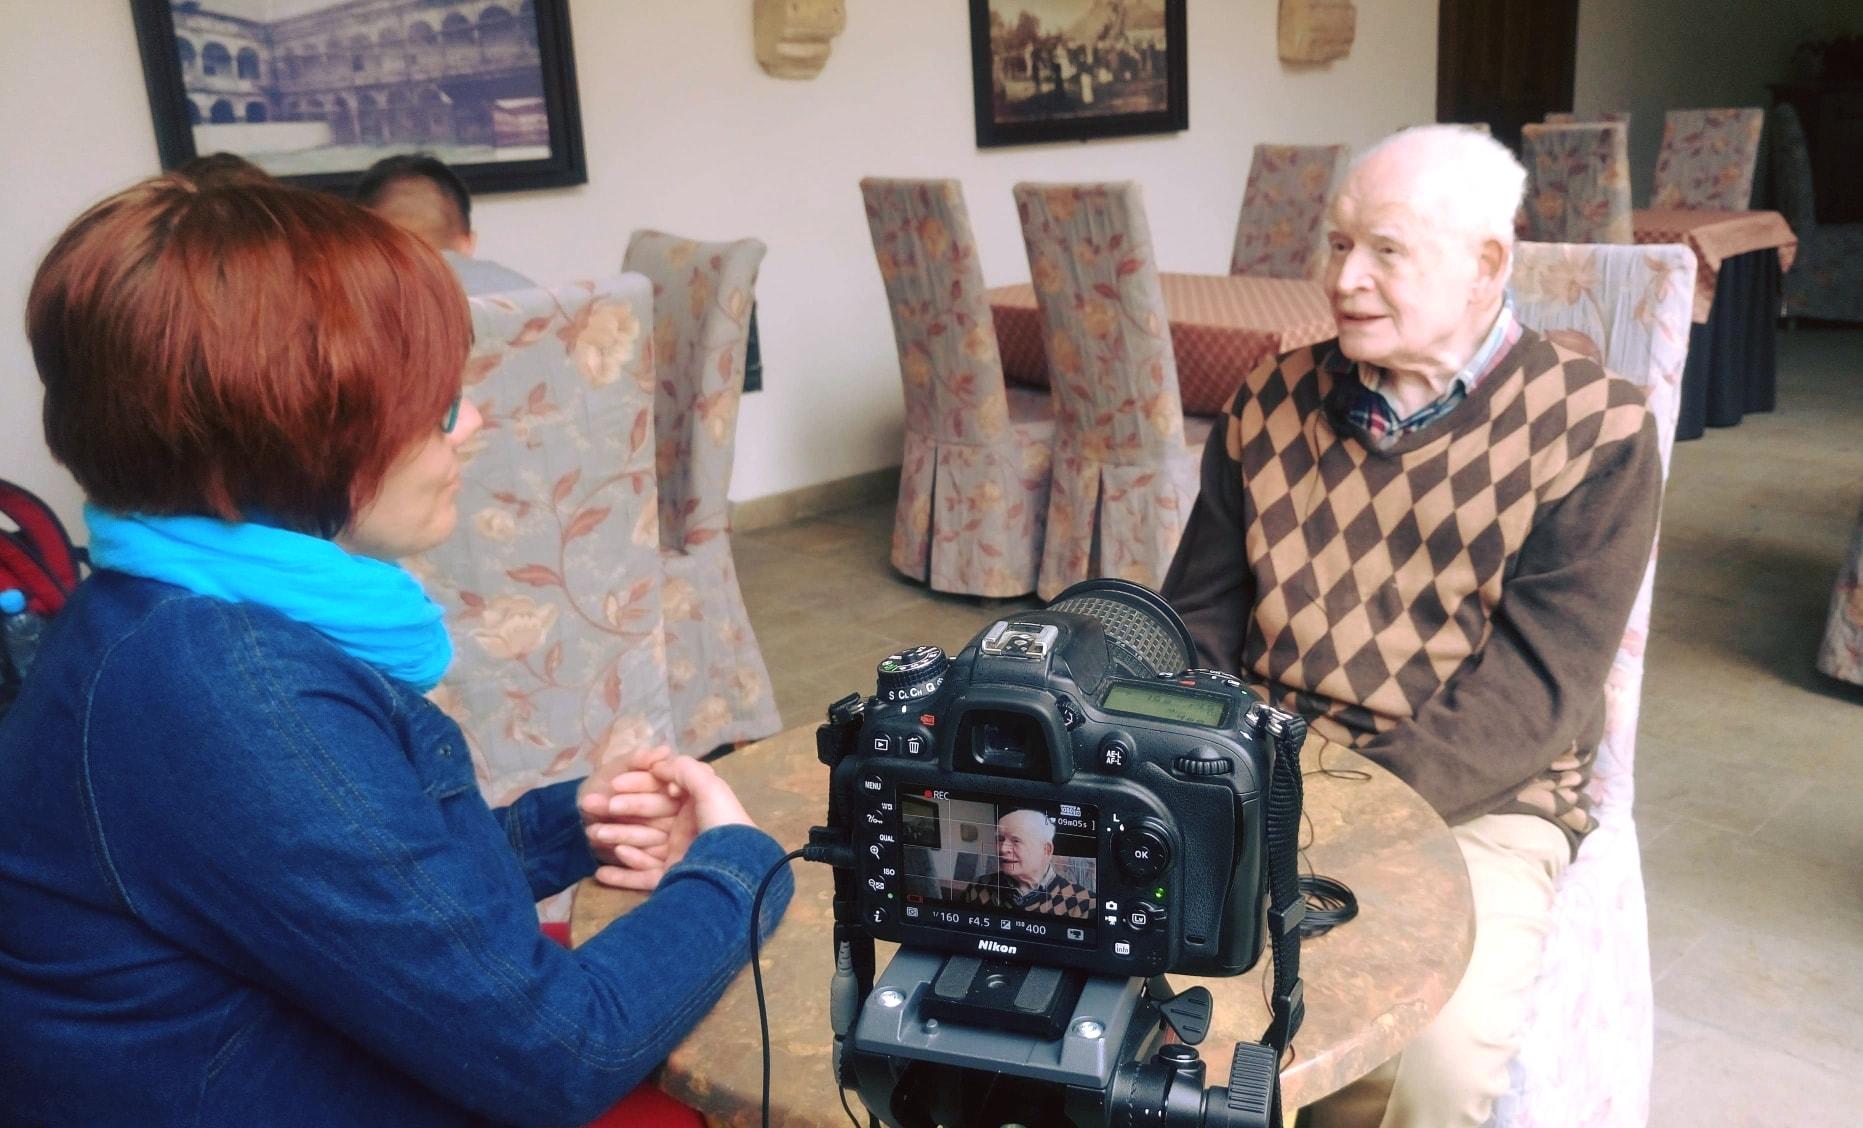 https://m.wm.pl/2019/12/orig/kinga-wisniewska-wywiad-z-prof-strzemboszem-600570.jpg